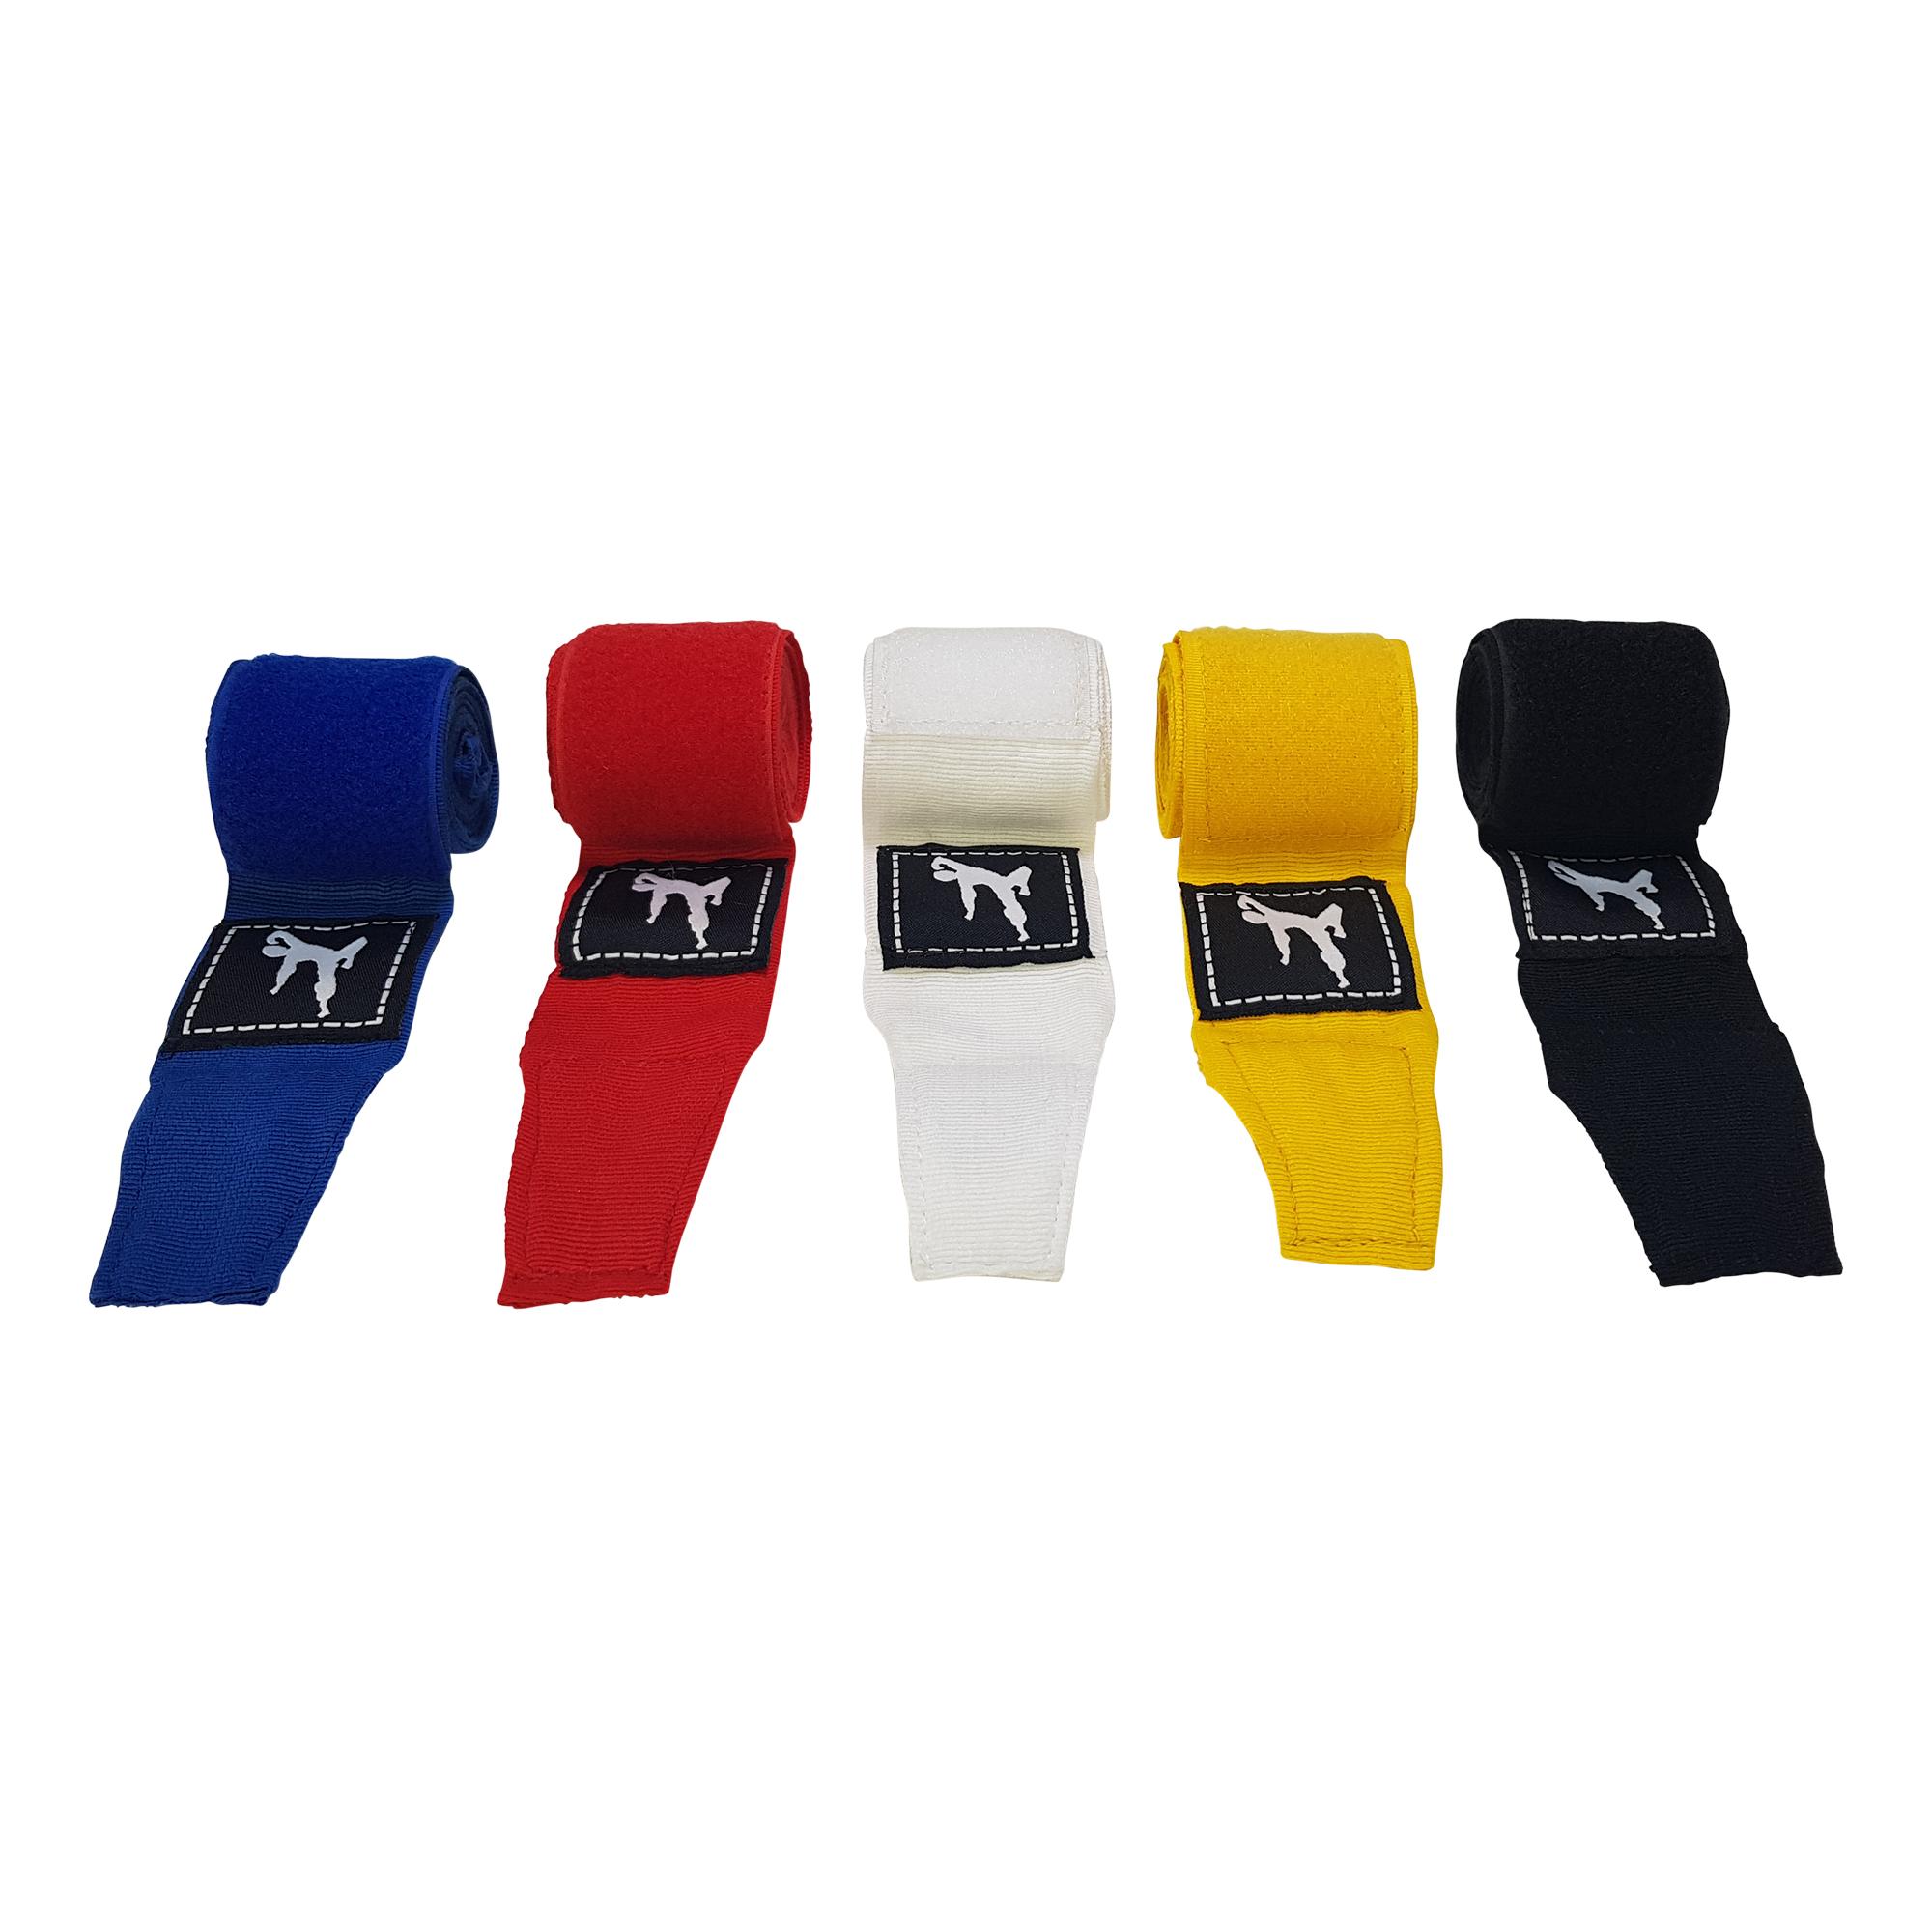 Boxing Wraps 250 cm, Pair (Multiple colors) - Blue